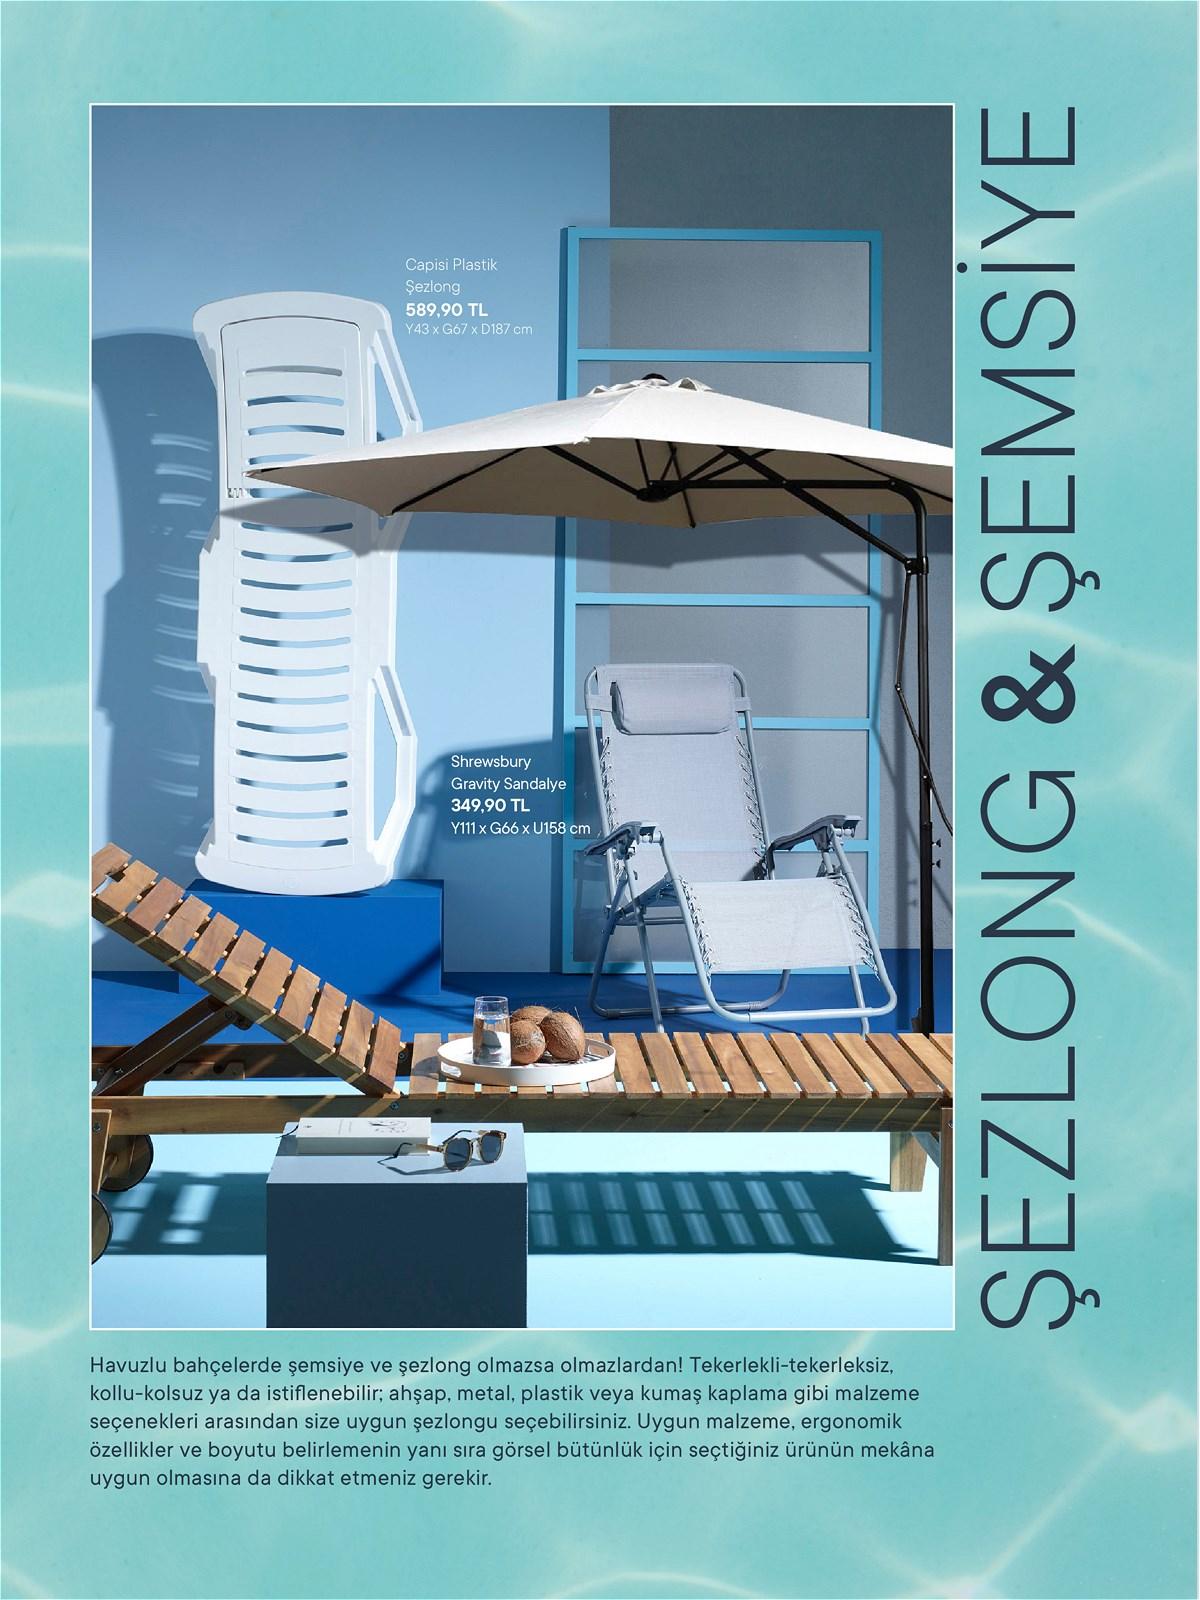 29.05.2021 Koçtaş broşürü 38. sayfa